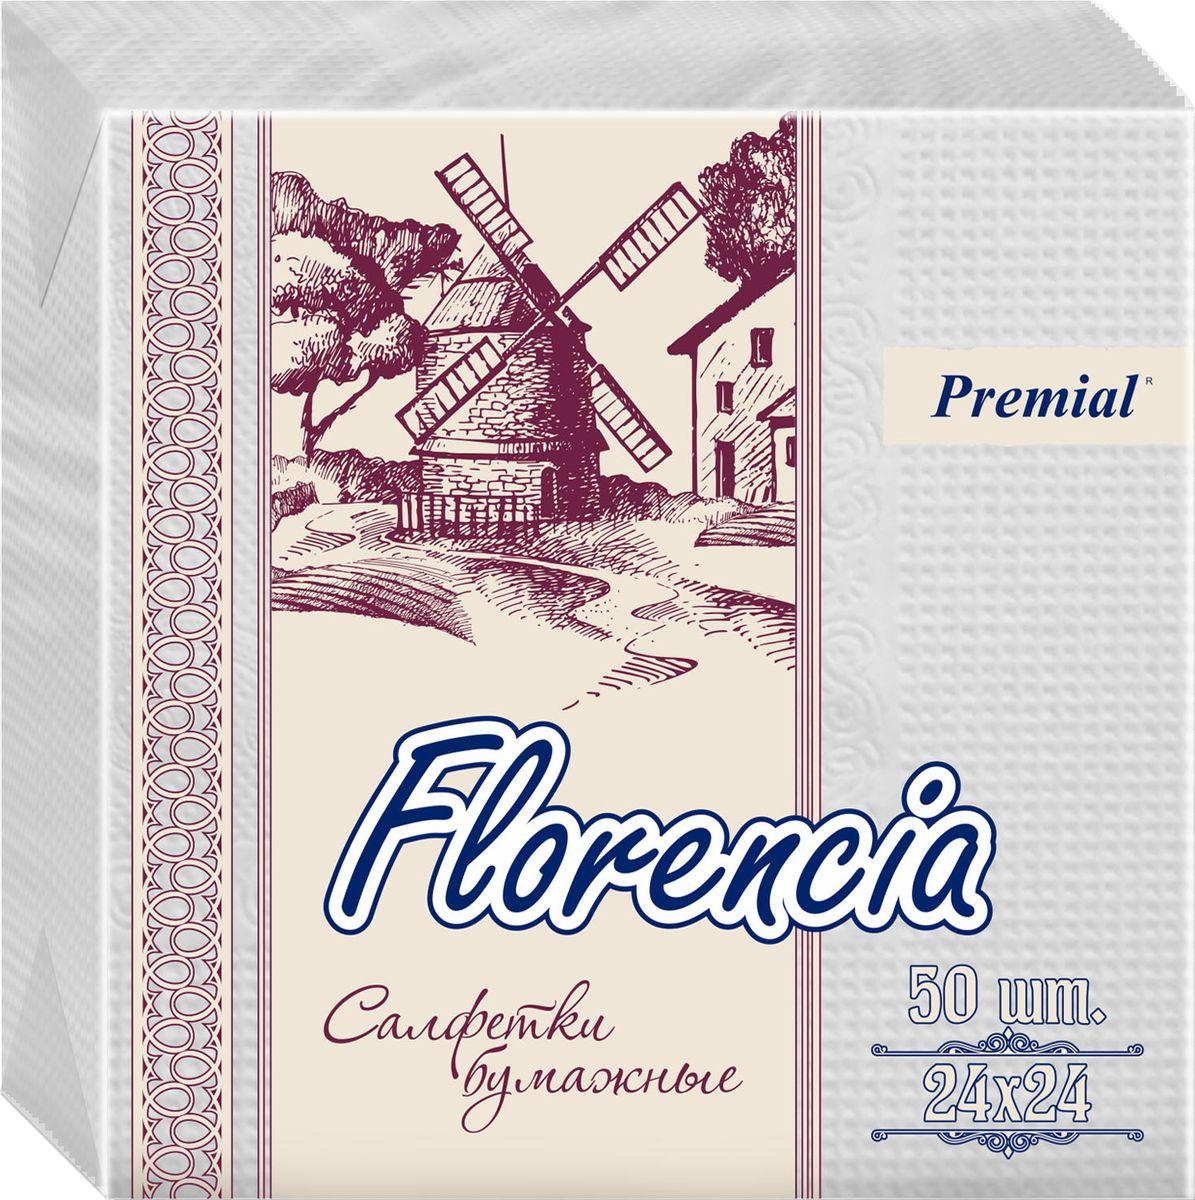 Premial Florencia Салфетки декоративные двухслойные белые, 50 шт0910-2183Основными преимуществами декоративных бумажных салфеток Florencia марки PREMIAL являются:- Высокое качество. Благодаря новейшим разработкам салфетки обладают хорошей впитываемостью и прочностью- Салфетки имеют оригинальную тисненную текстуру, которая придает им особую мягкость и дополнительную привлекательность- Широкий ассортиментный ряд.- Яркий и стильный дизайн упаковки, привлекающий взгляд